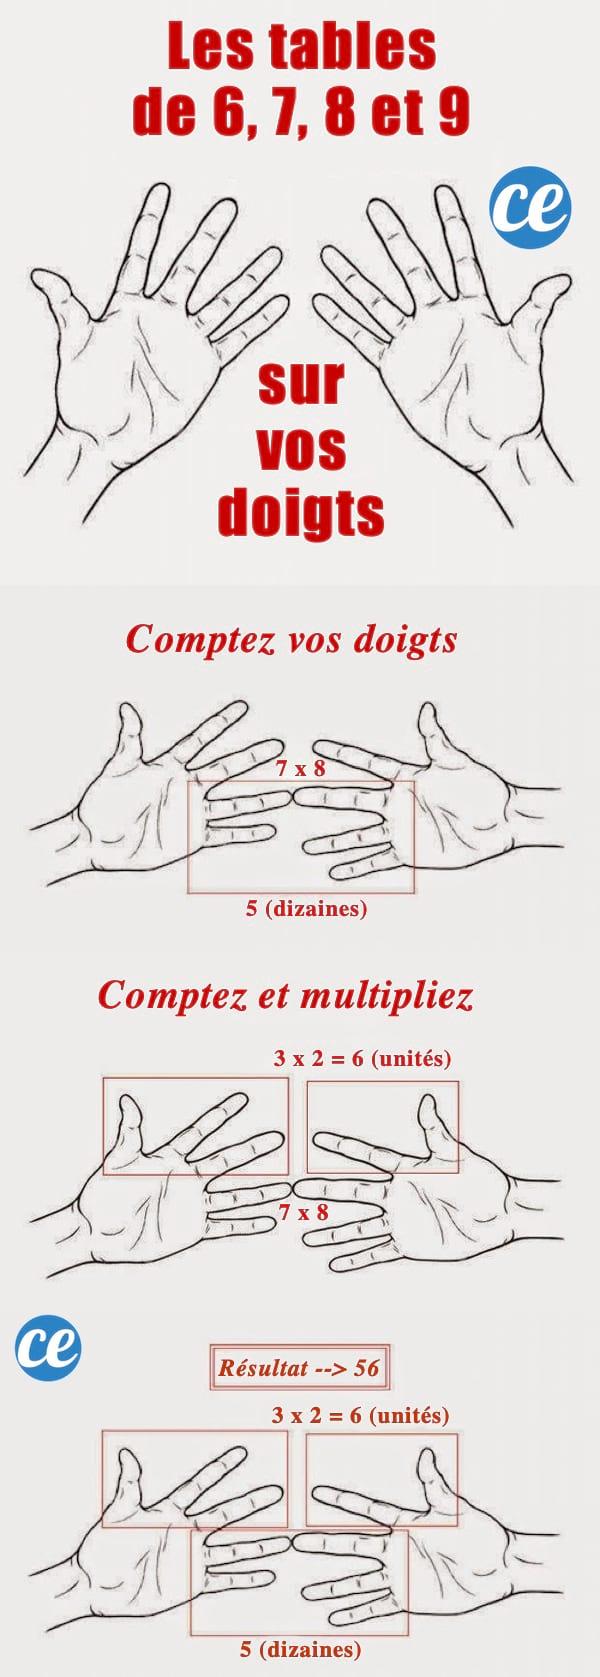 L'astuce facile pour utiliser ses doigts pour les tables de 6, 7, 8 et 9